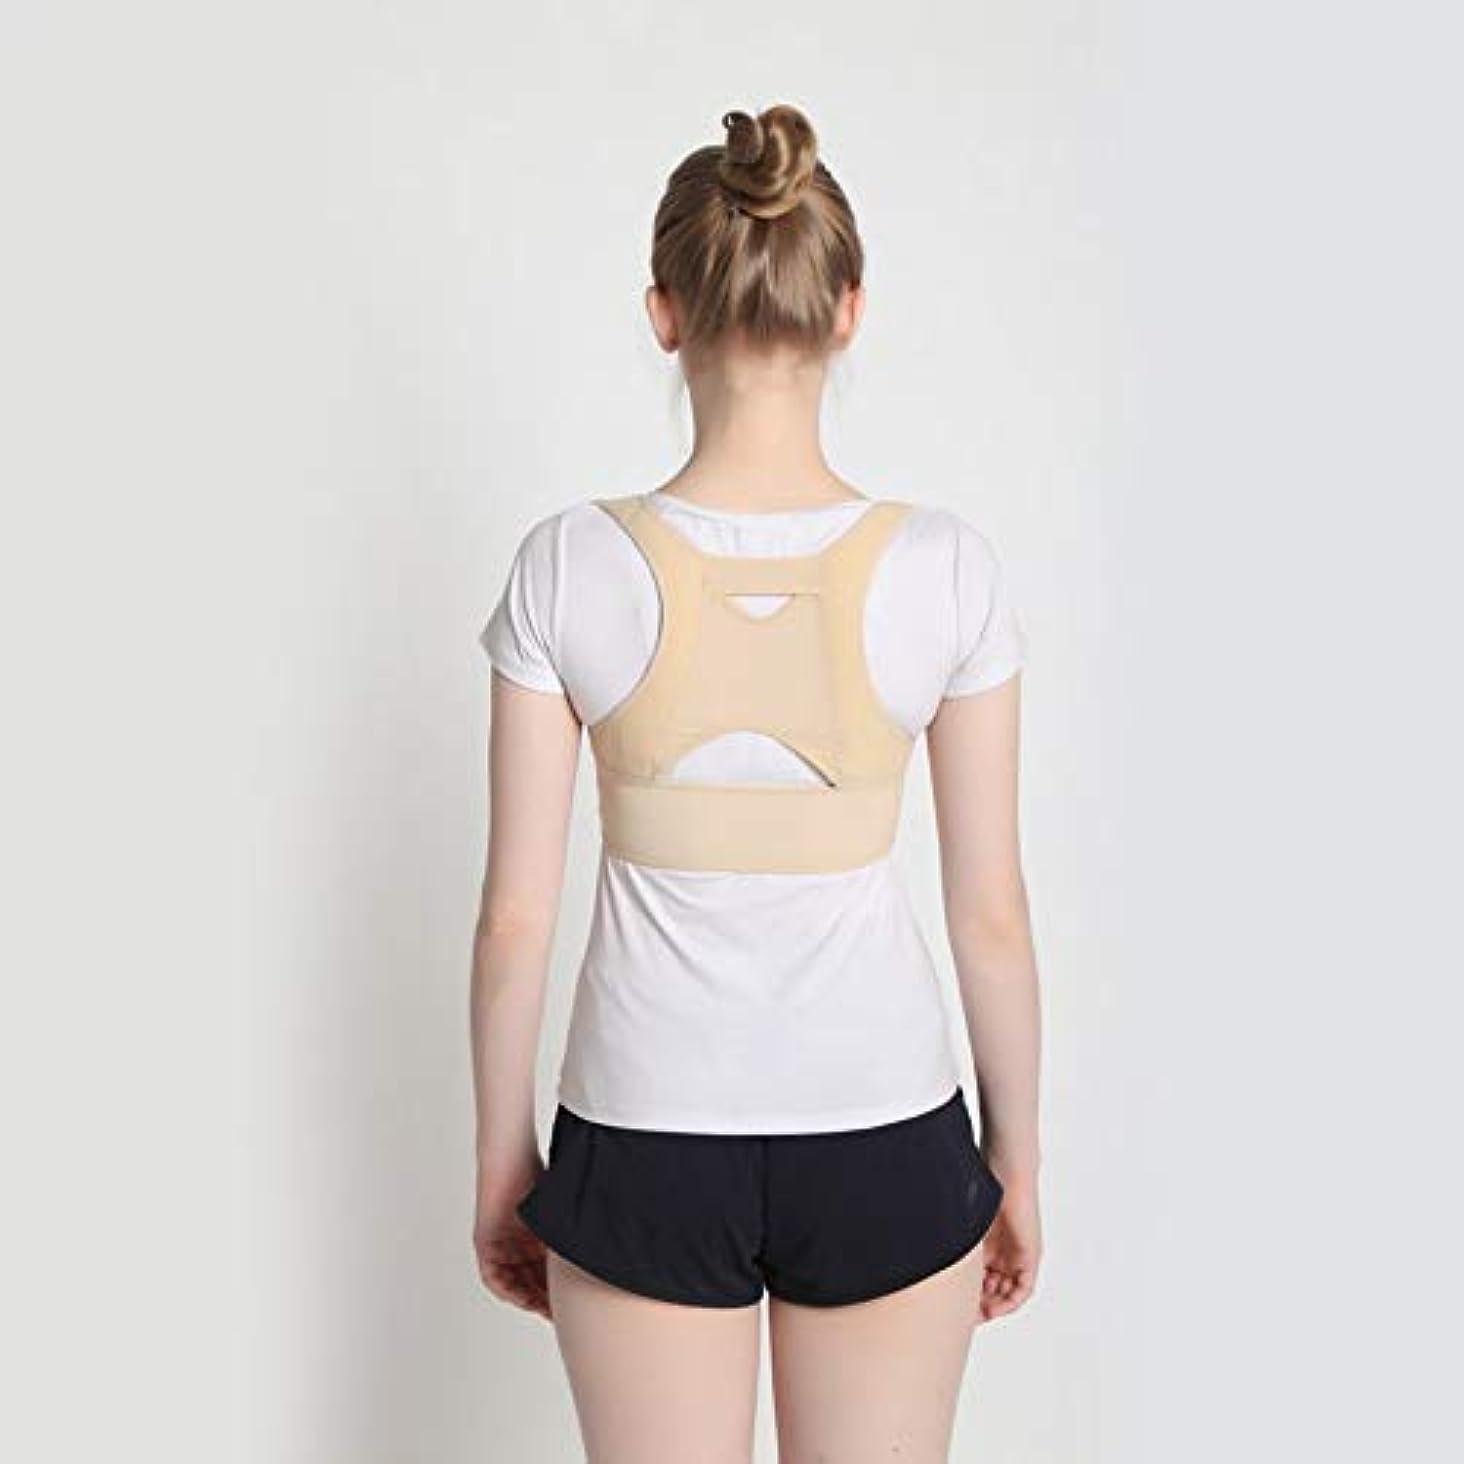 広告望む抵当通気性のある女性の背中の姿勢矯正コルセット整形外科の肩の背骨の背骨の姿勢矯正腰椎サポート